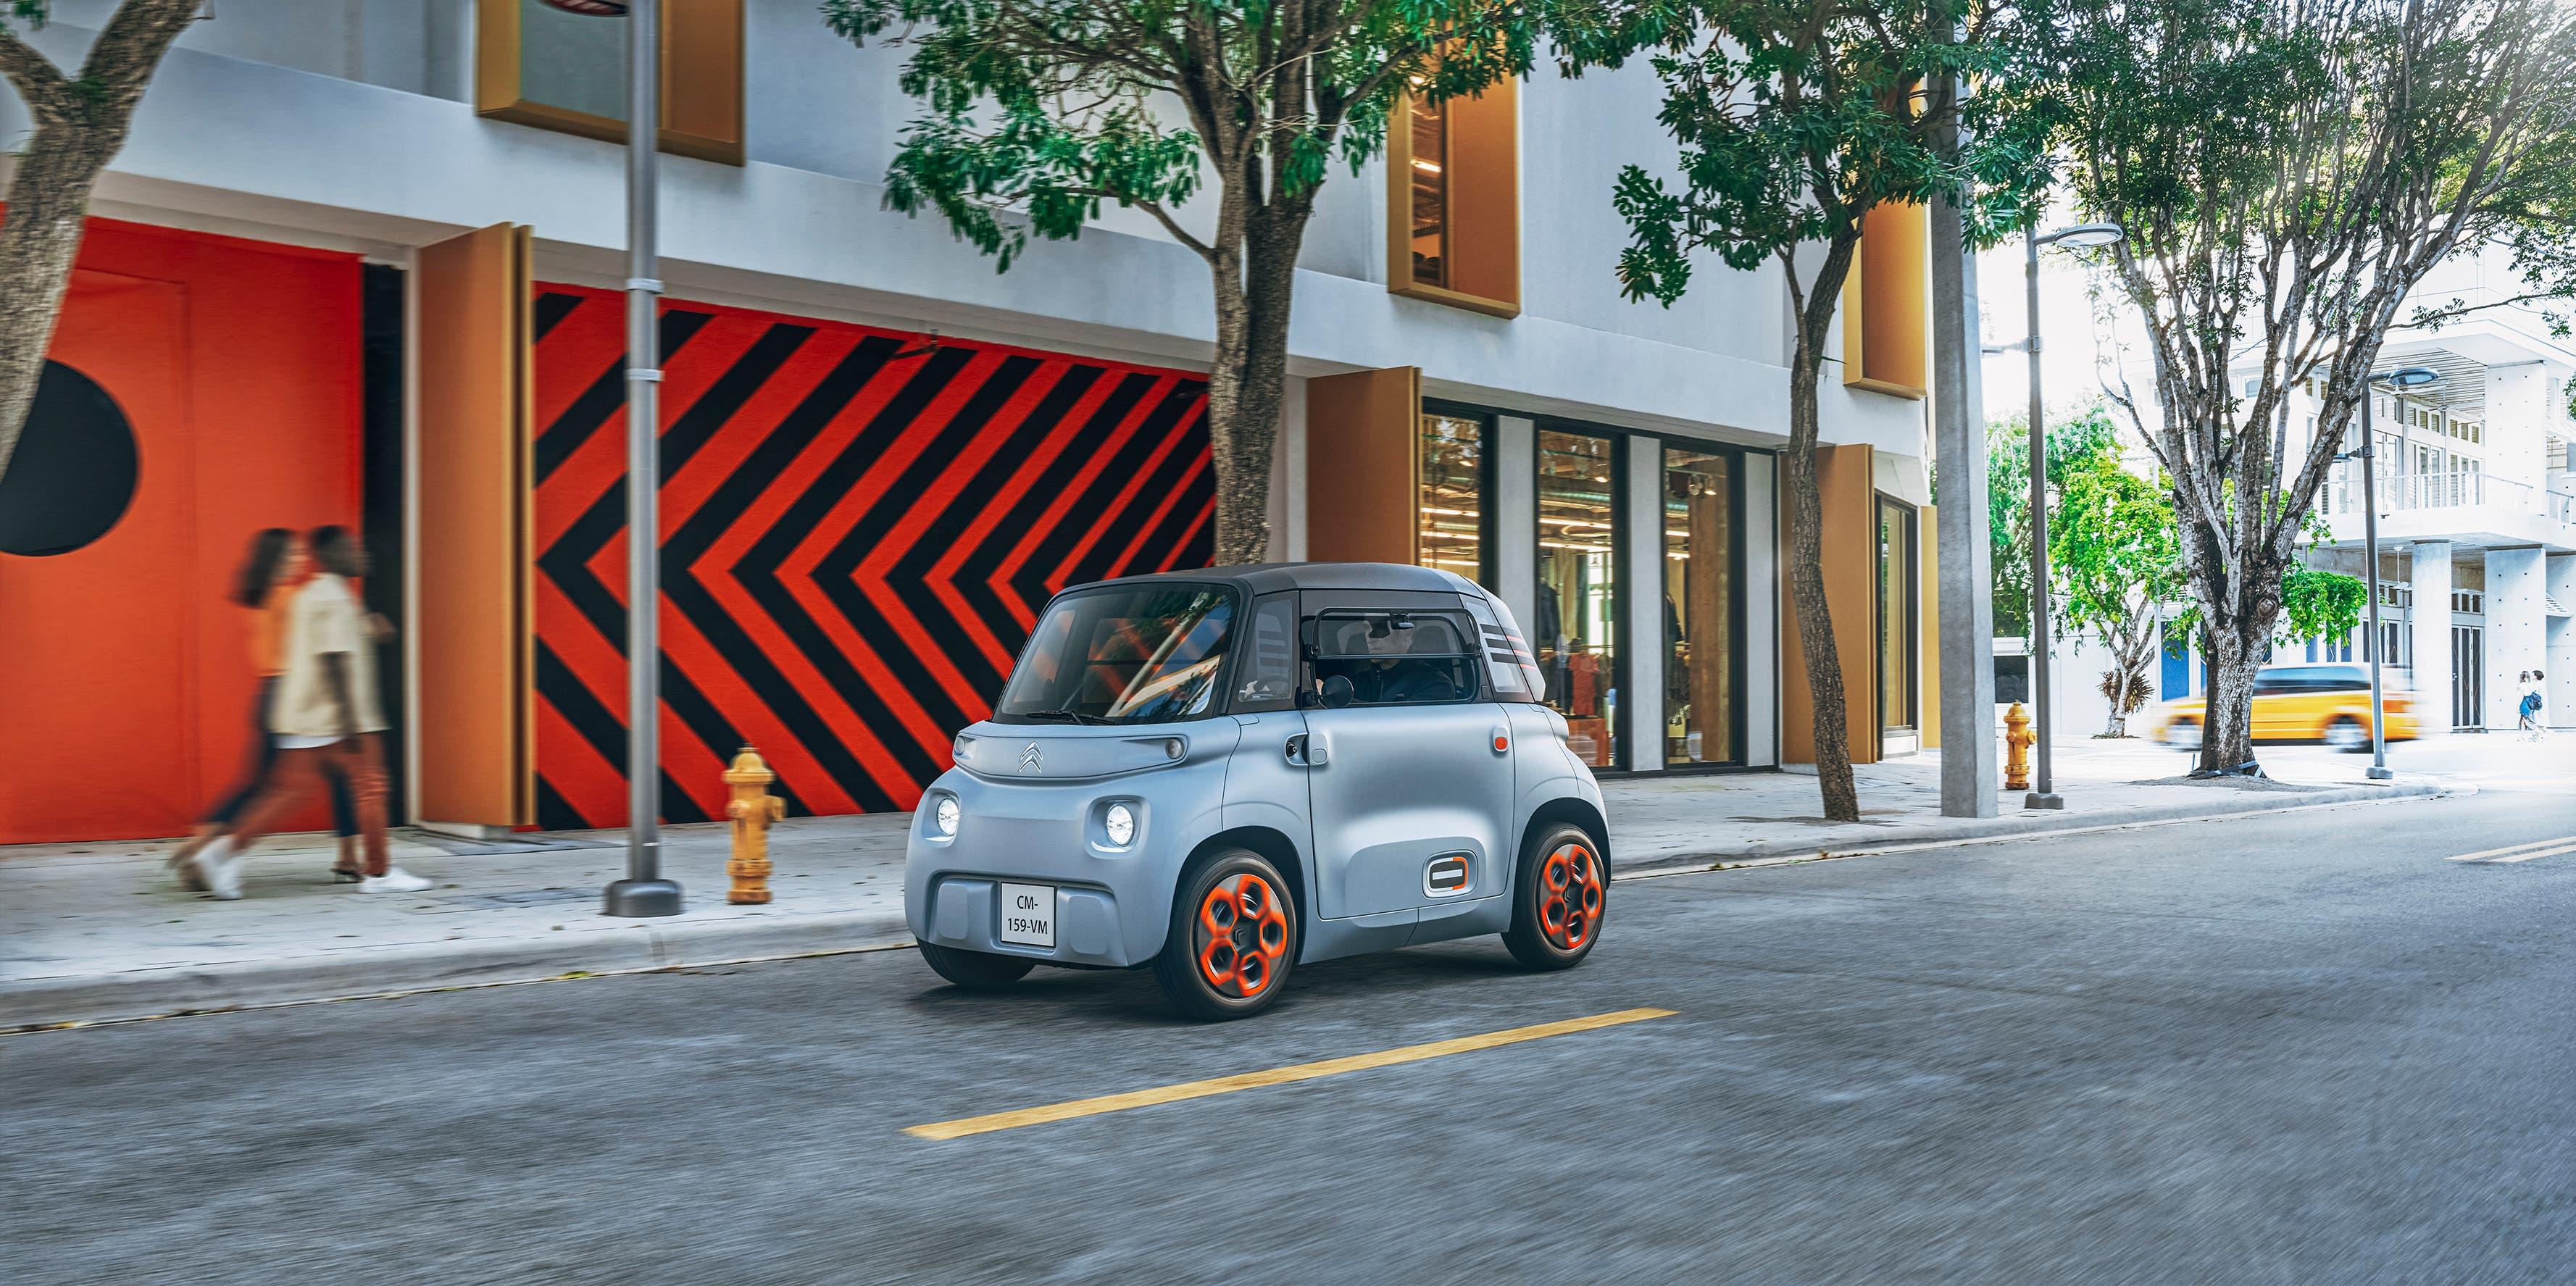 Der Citroën Ami polarisiert durch ungewöhnliches Design.